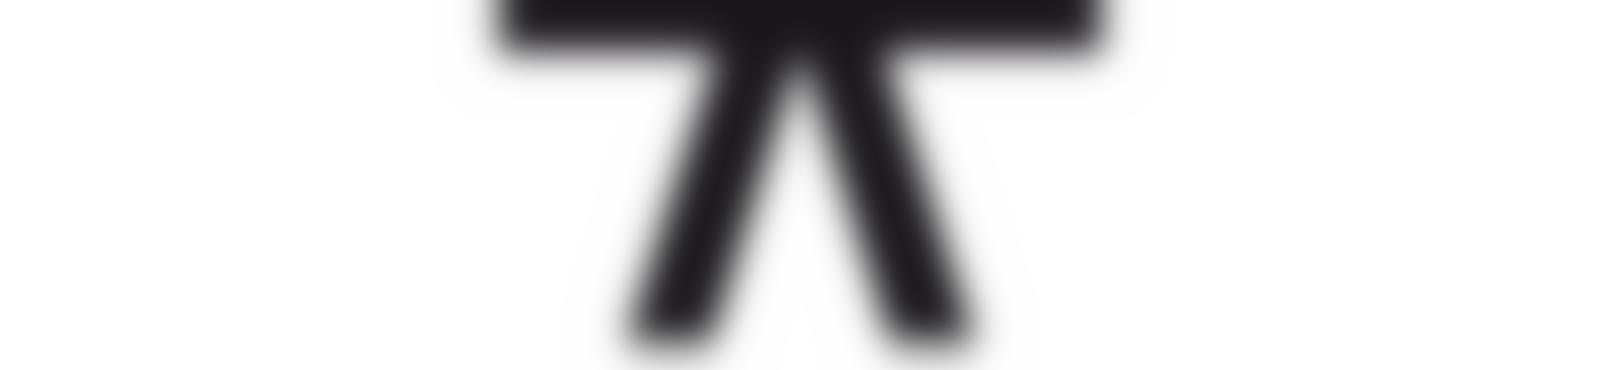 Blurred e42903c2 96a9 4a7f 8f56 288f3a734080